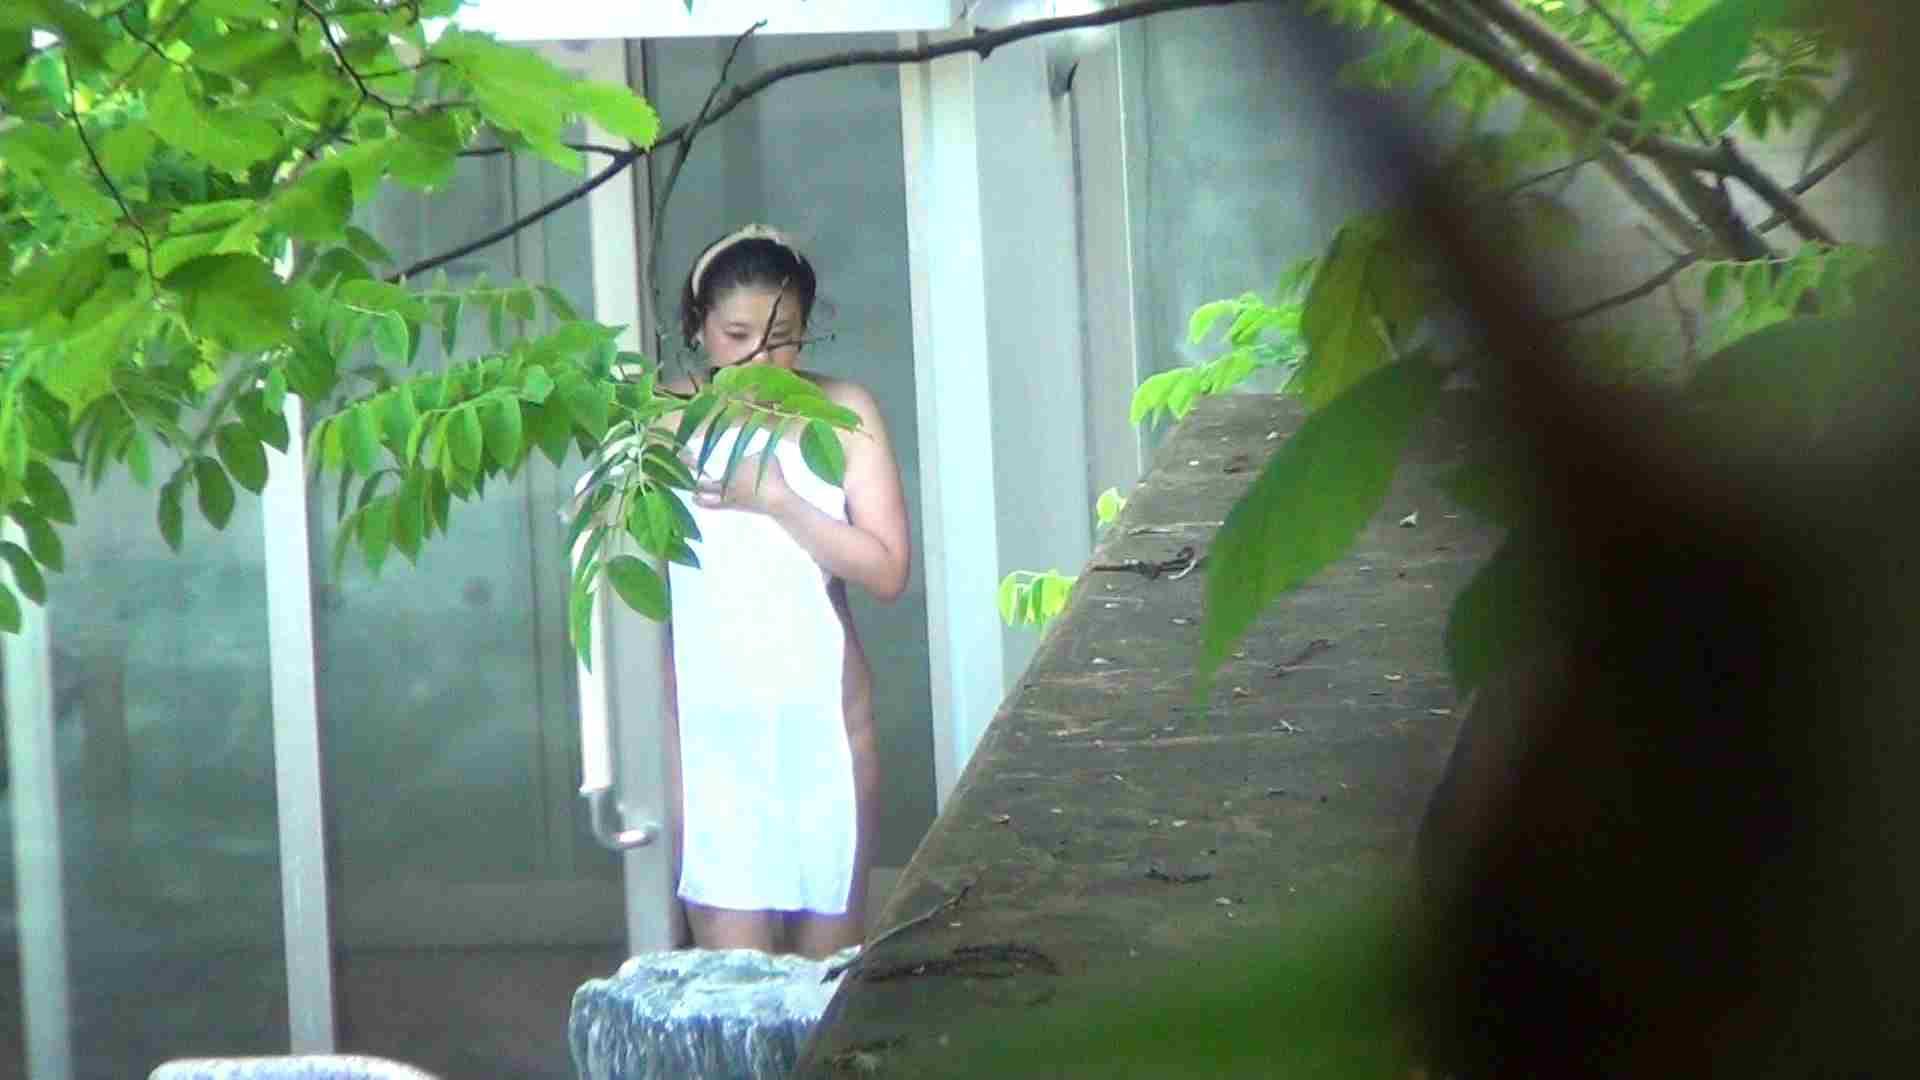 Aquaな露天風呂Vol.249 盗撮 | 露天風呂  60連発 34